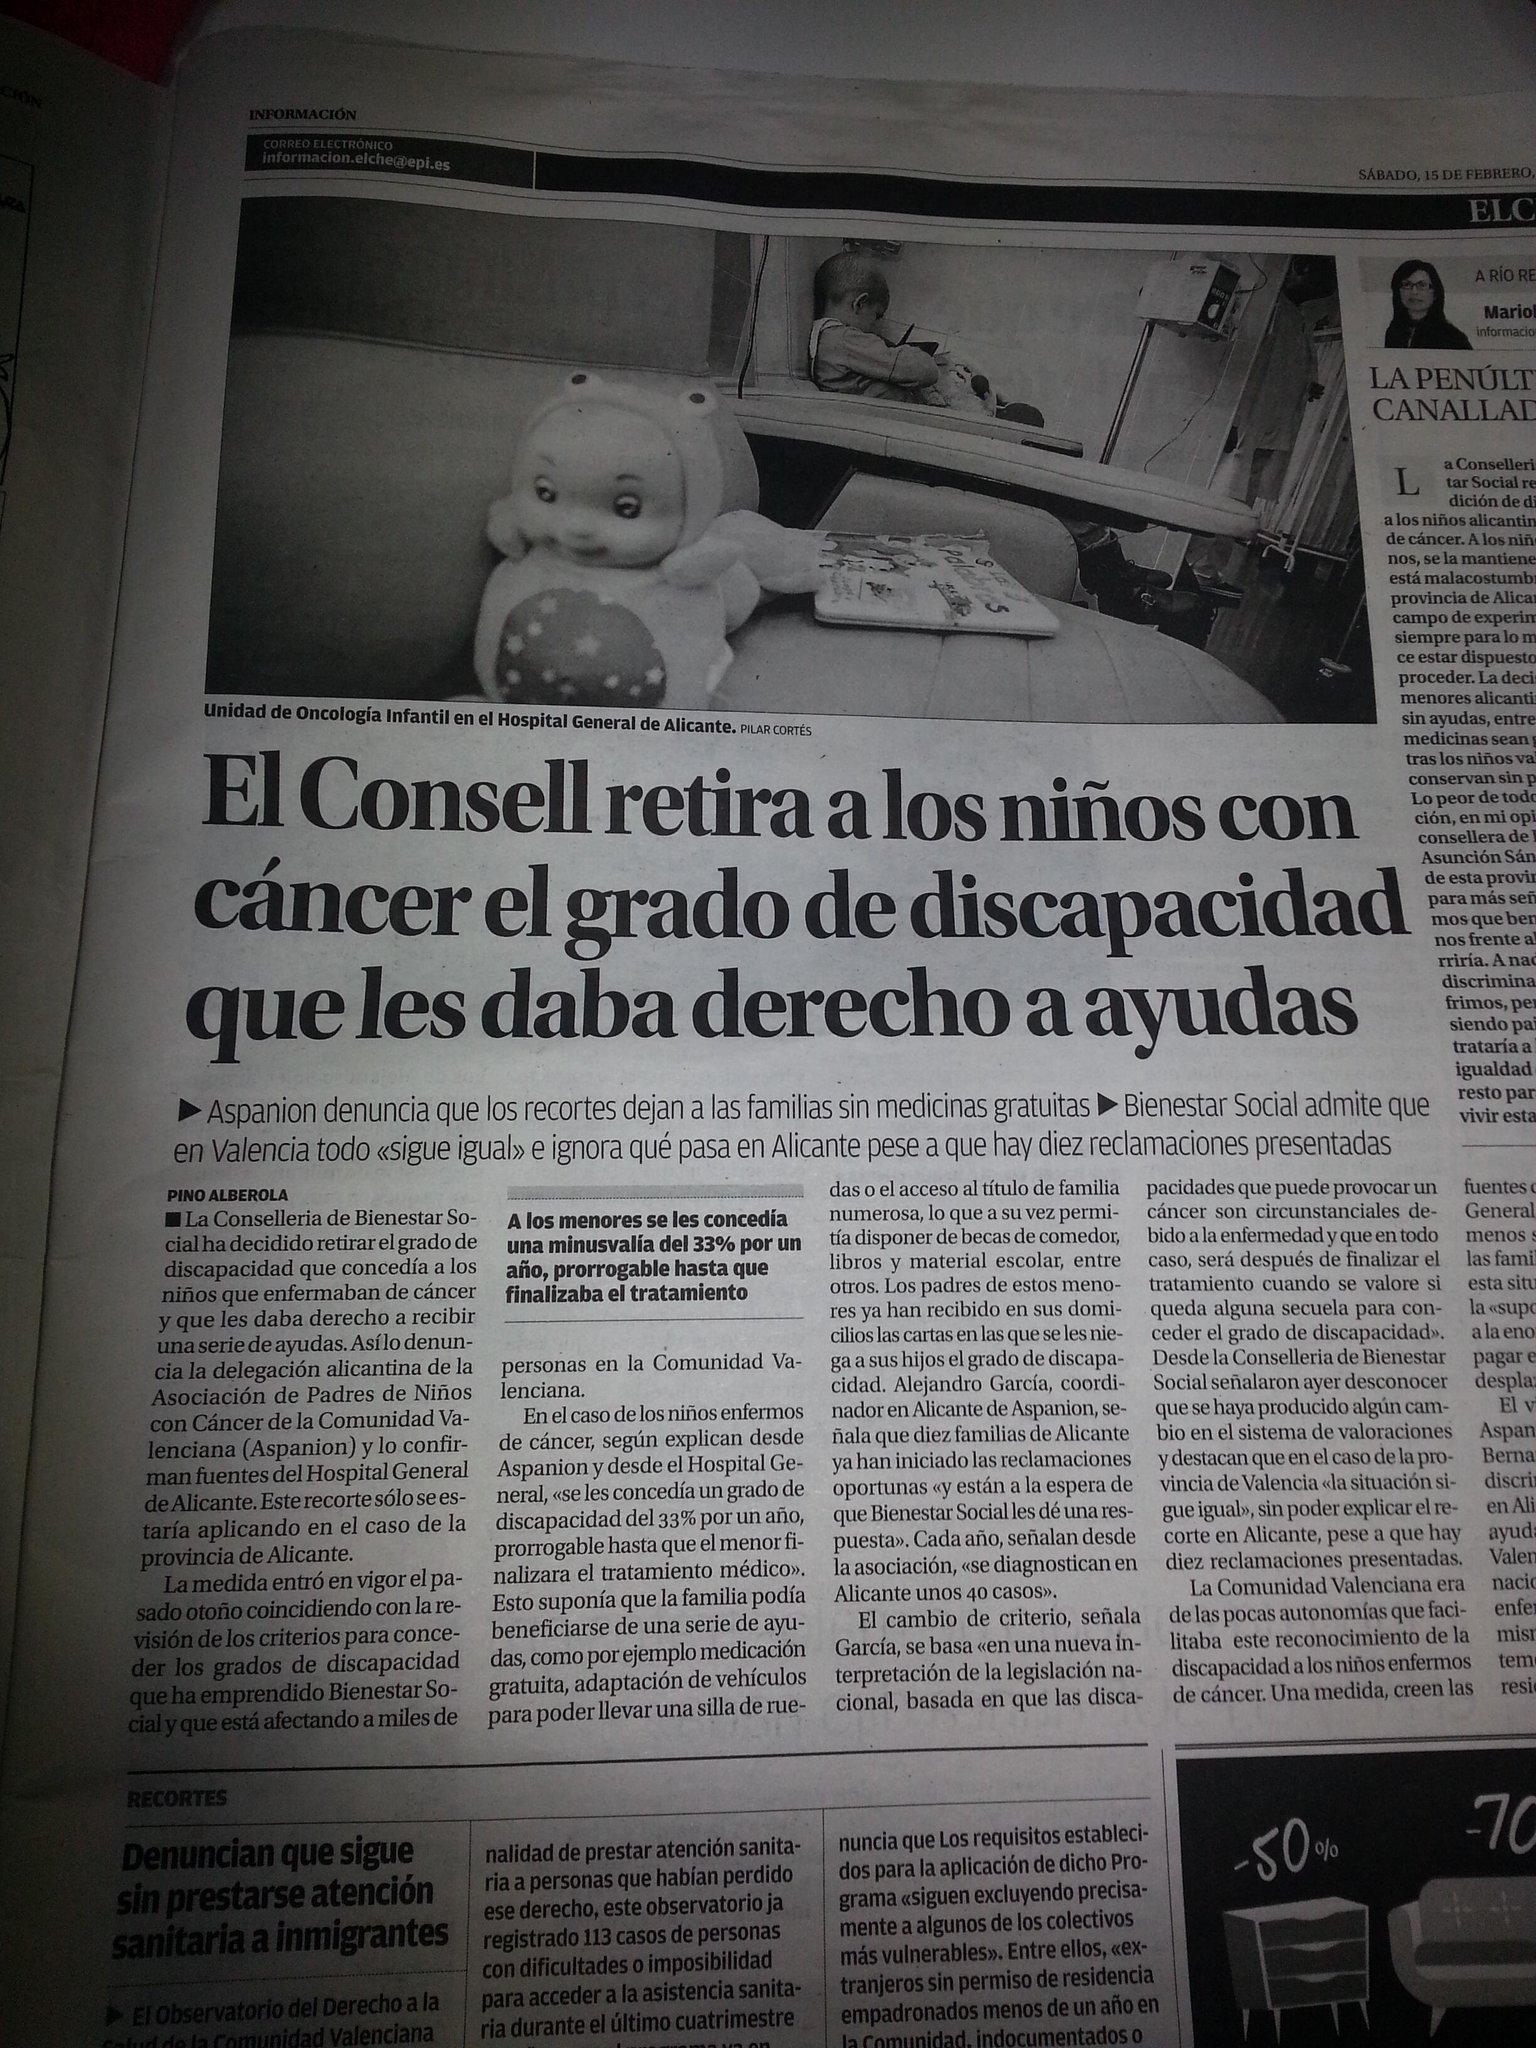 RT @pablete075: @eva_hache Hola!! ¿puedes RT  a esta vergonzosa noticia? Diario Informacion Alicante http://t.co/SNLFnThhYg